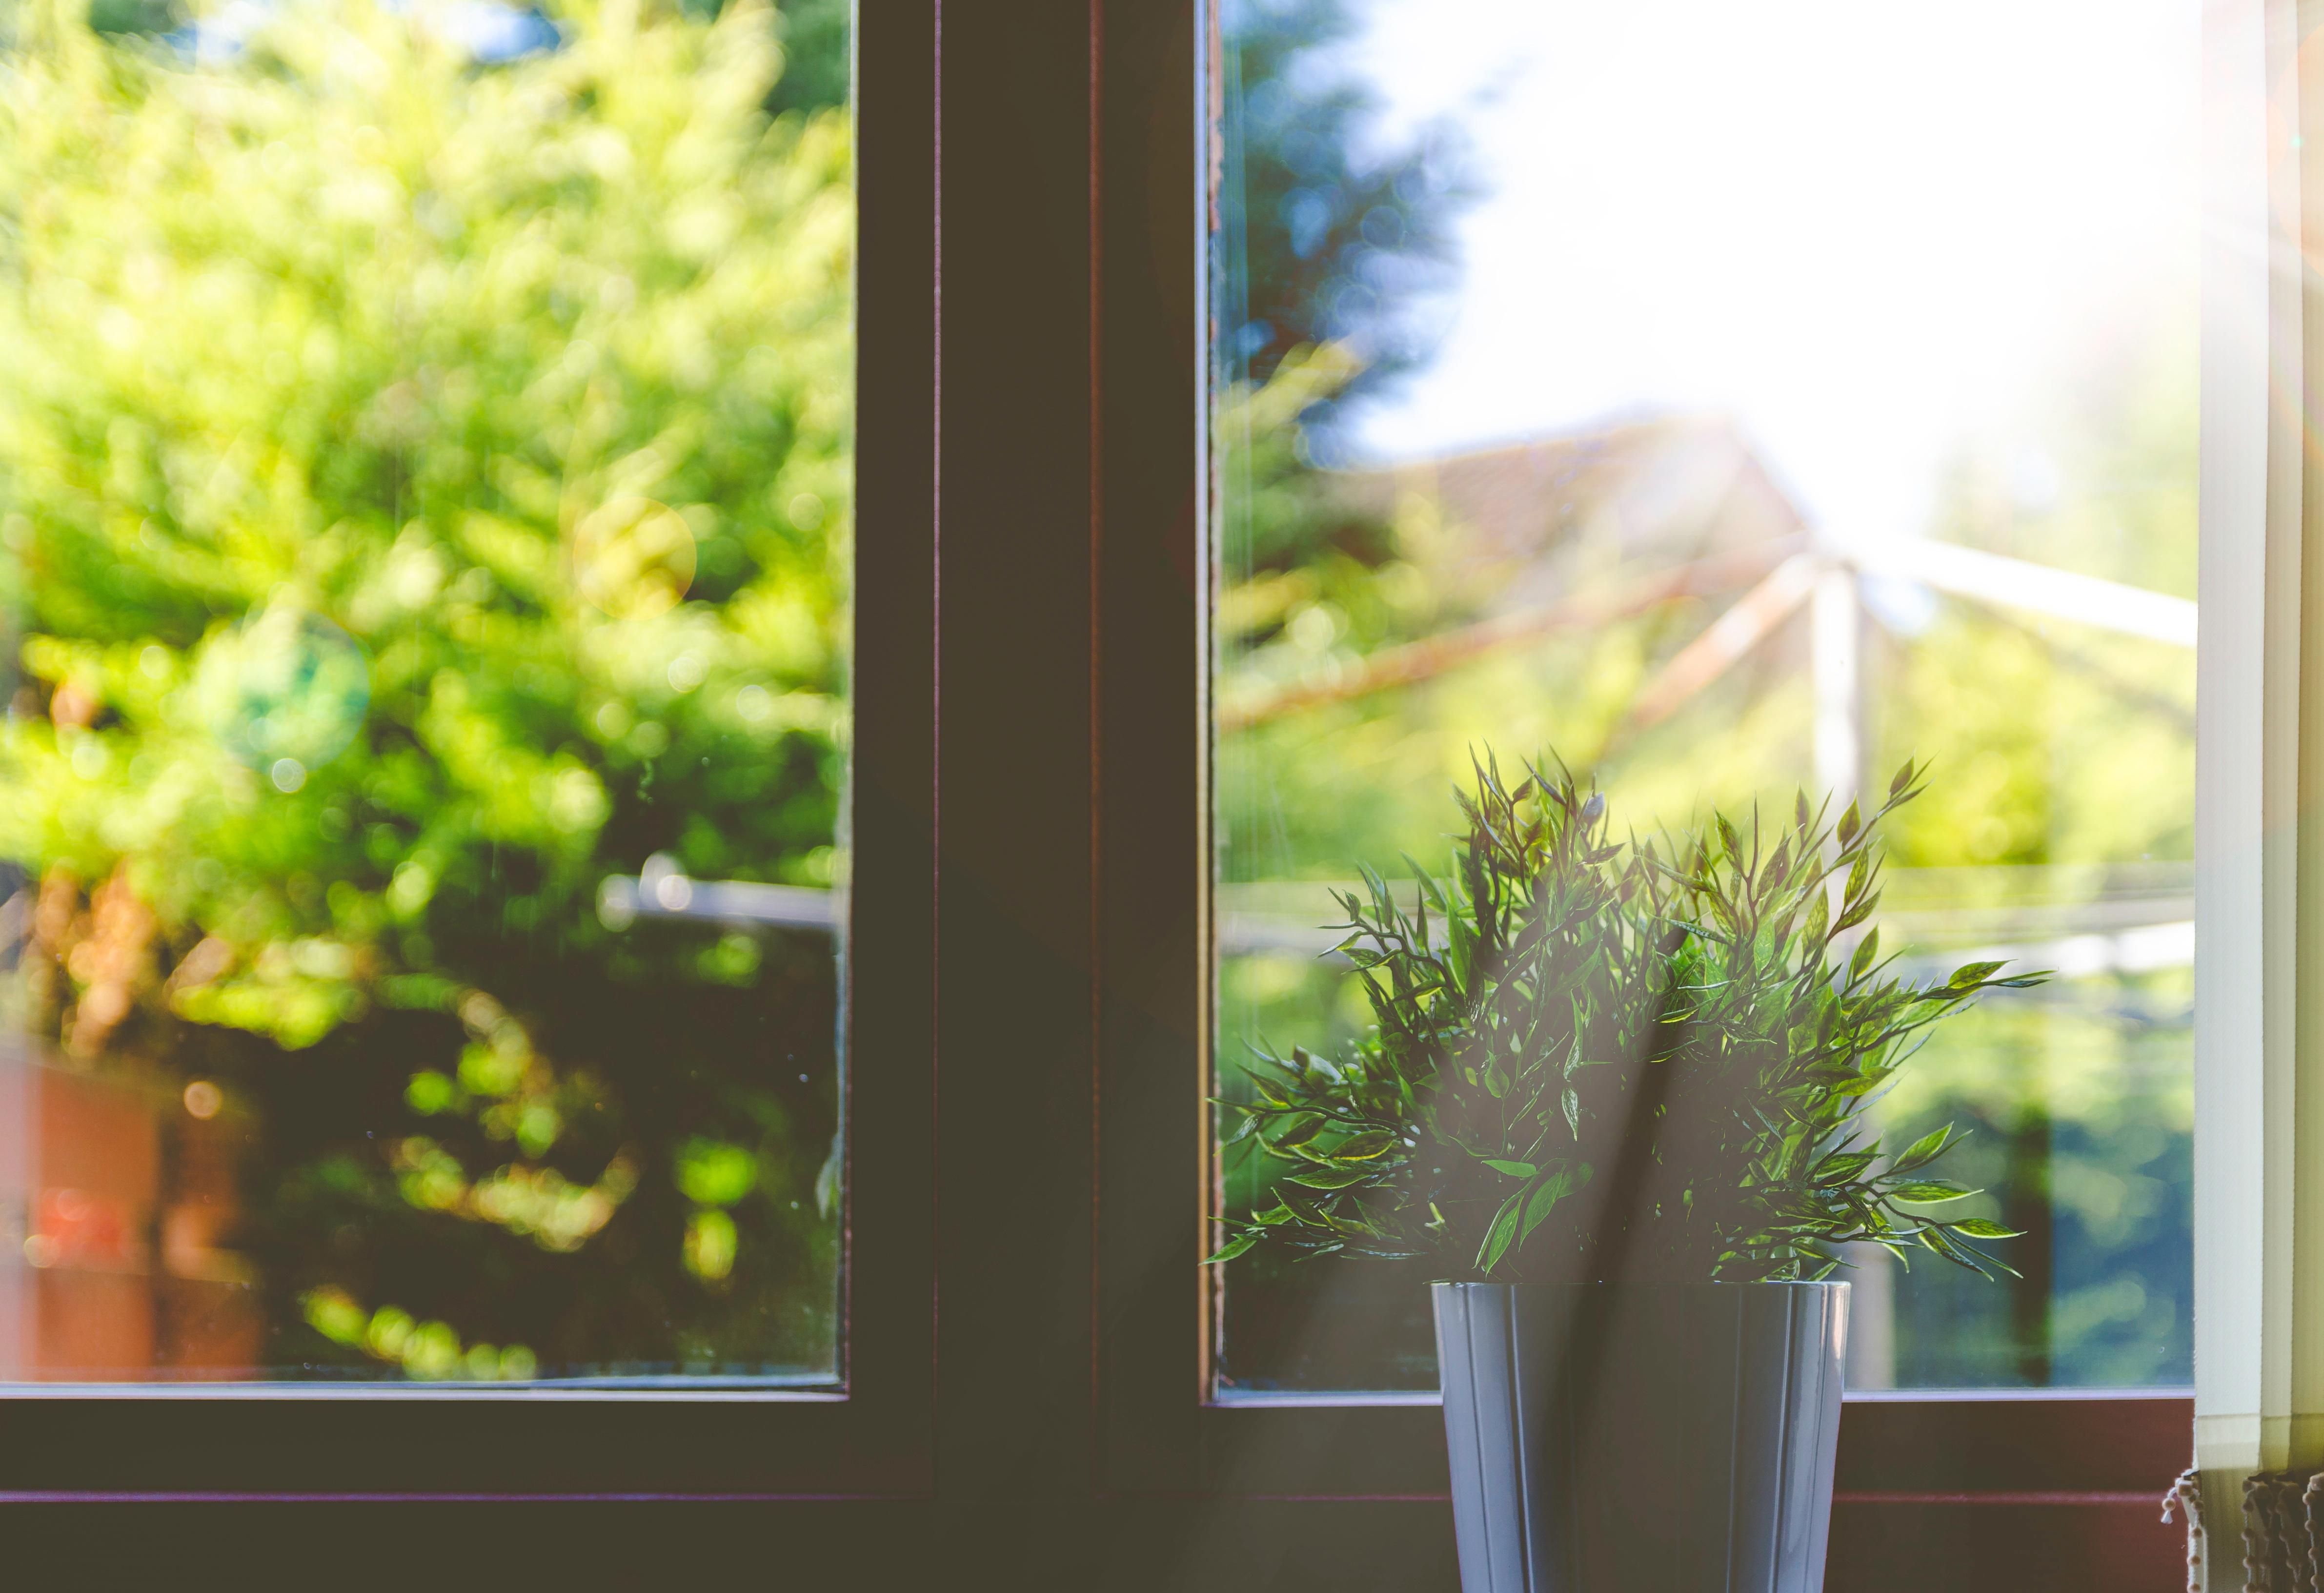 Fotos Gratis árbol Césped Rama Planta Casa Hoja Flor Verde